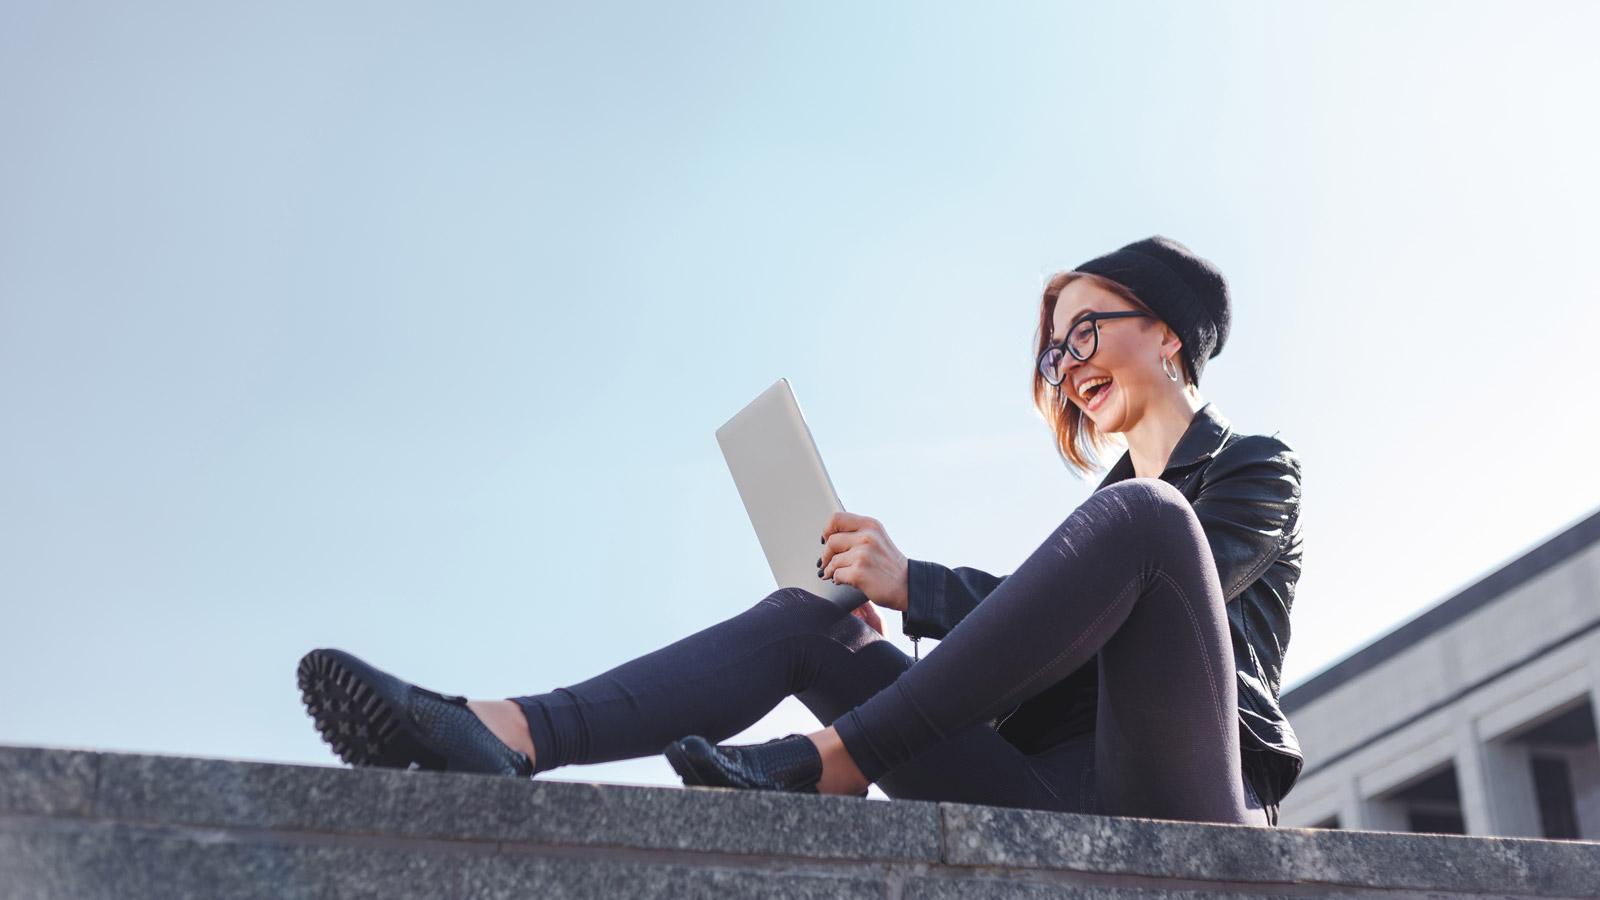 Internet liderem reklamy w roku 2019 Trendy 2019 mediarun mloda kobieta internet tablet miasto 2020